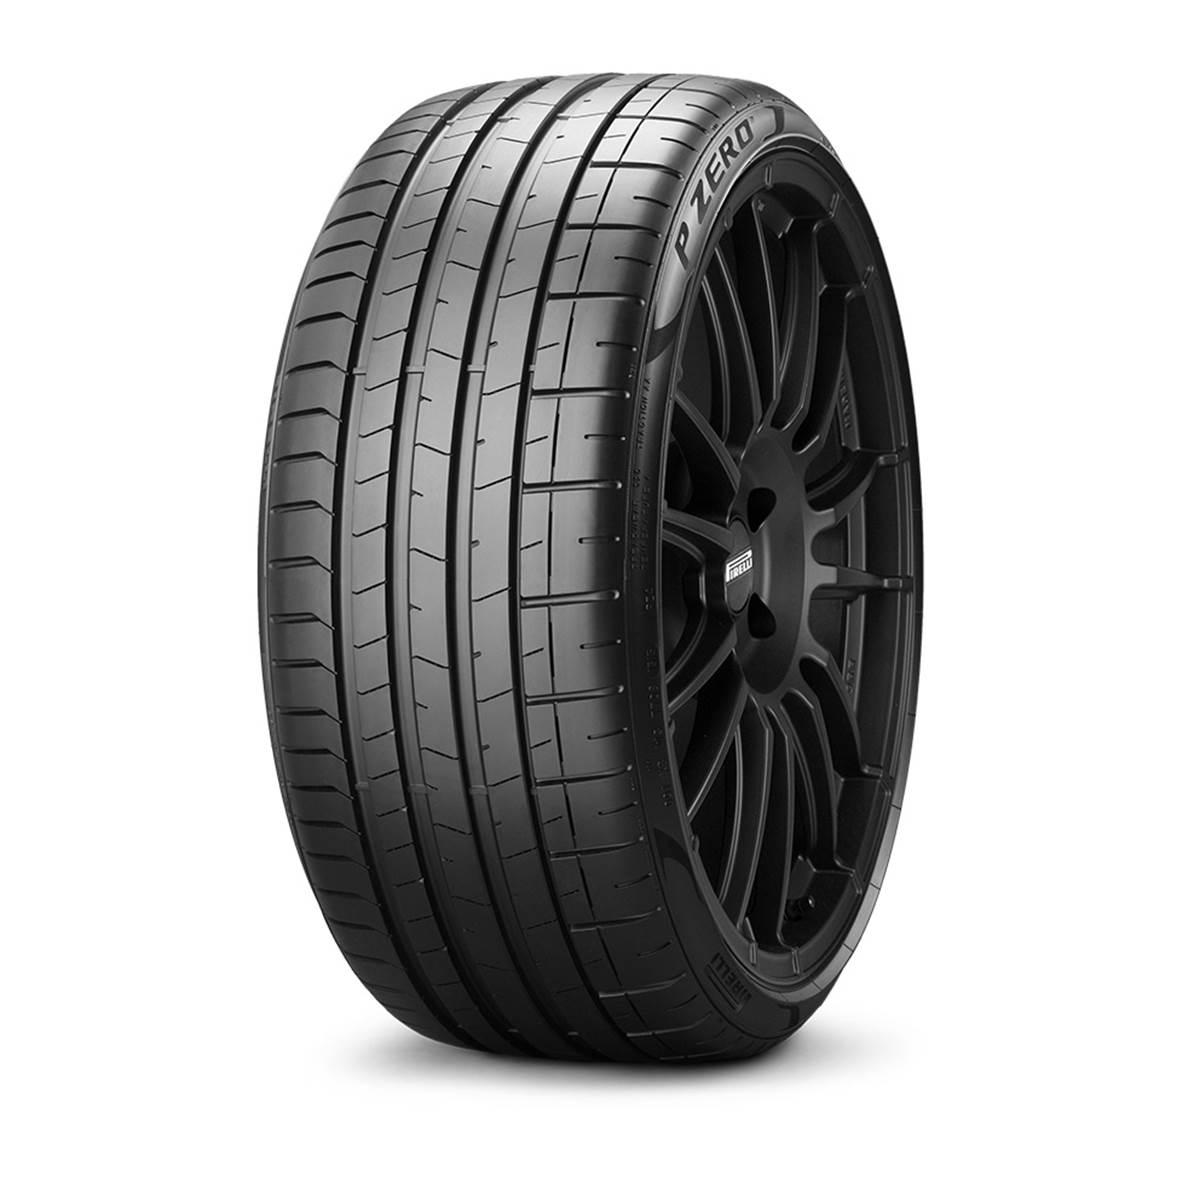 Pneu Runflat Pirelli 245/45R19 98Y Pzero